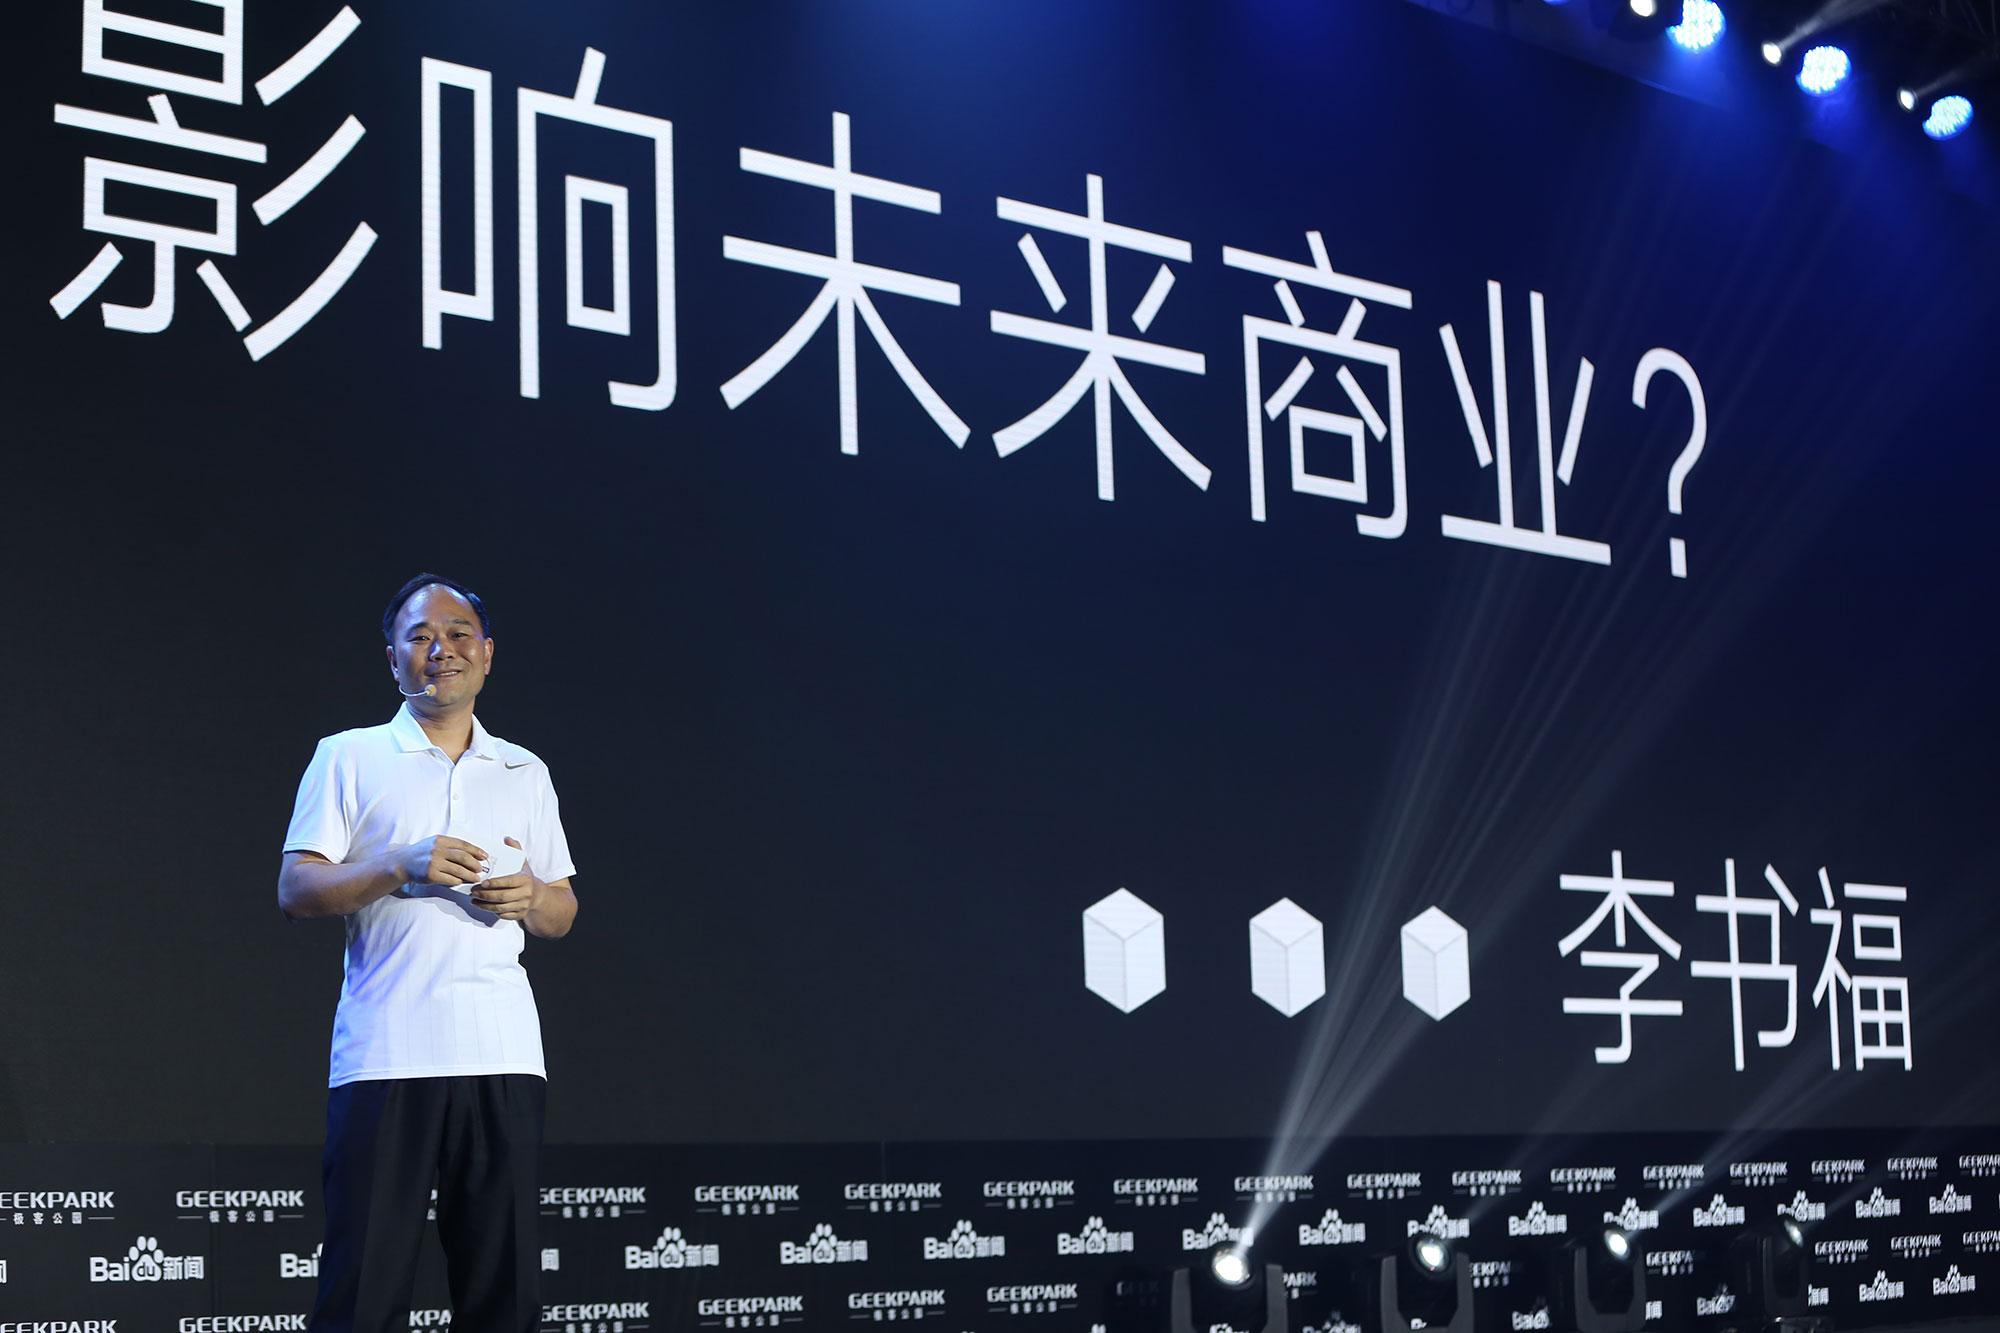 """""""野蛮人""""挖角传统汽车业: 互联网造车掀起""""人才战"""""""